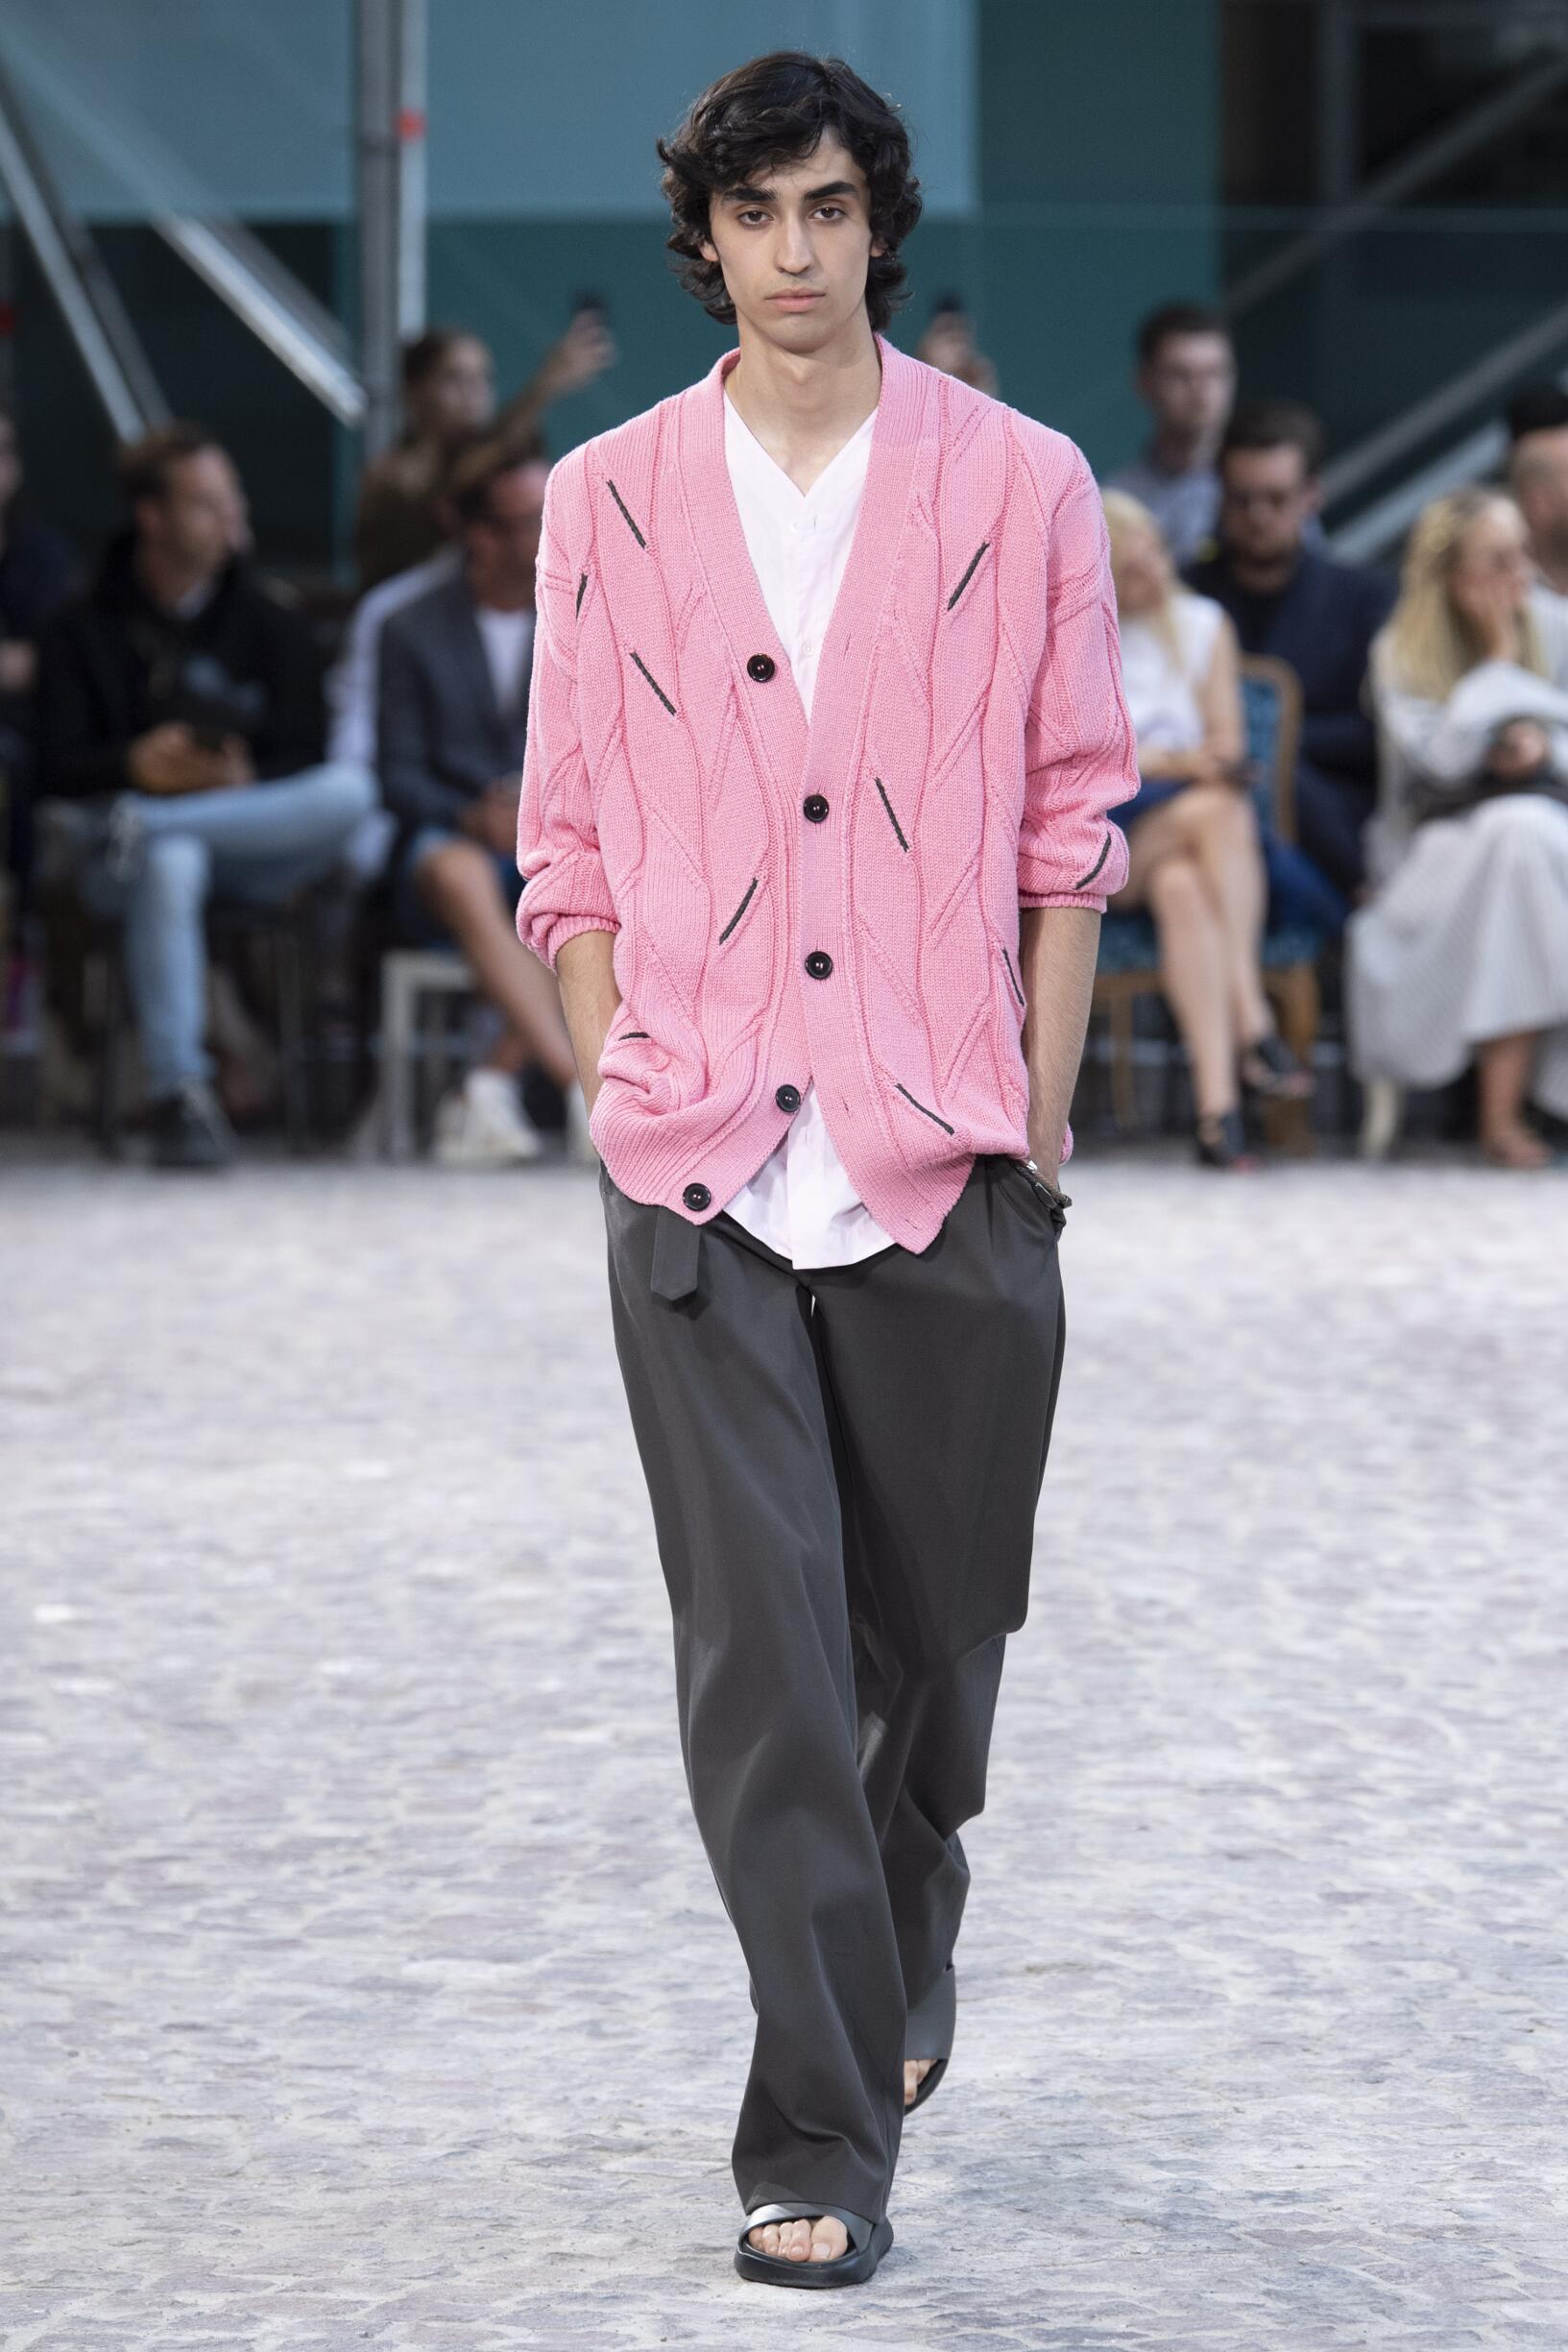 Hermès Men's Collection 2020